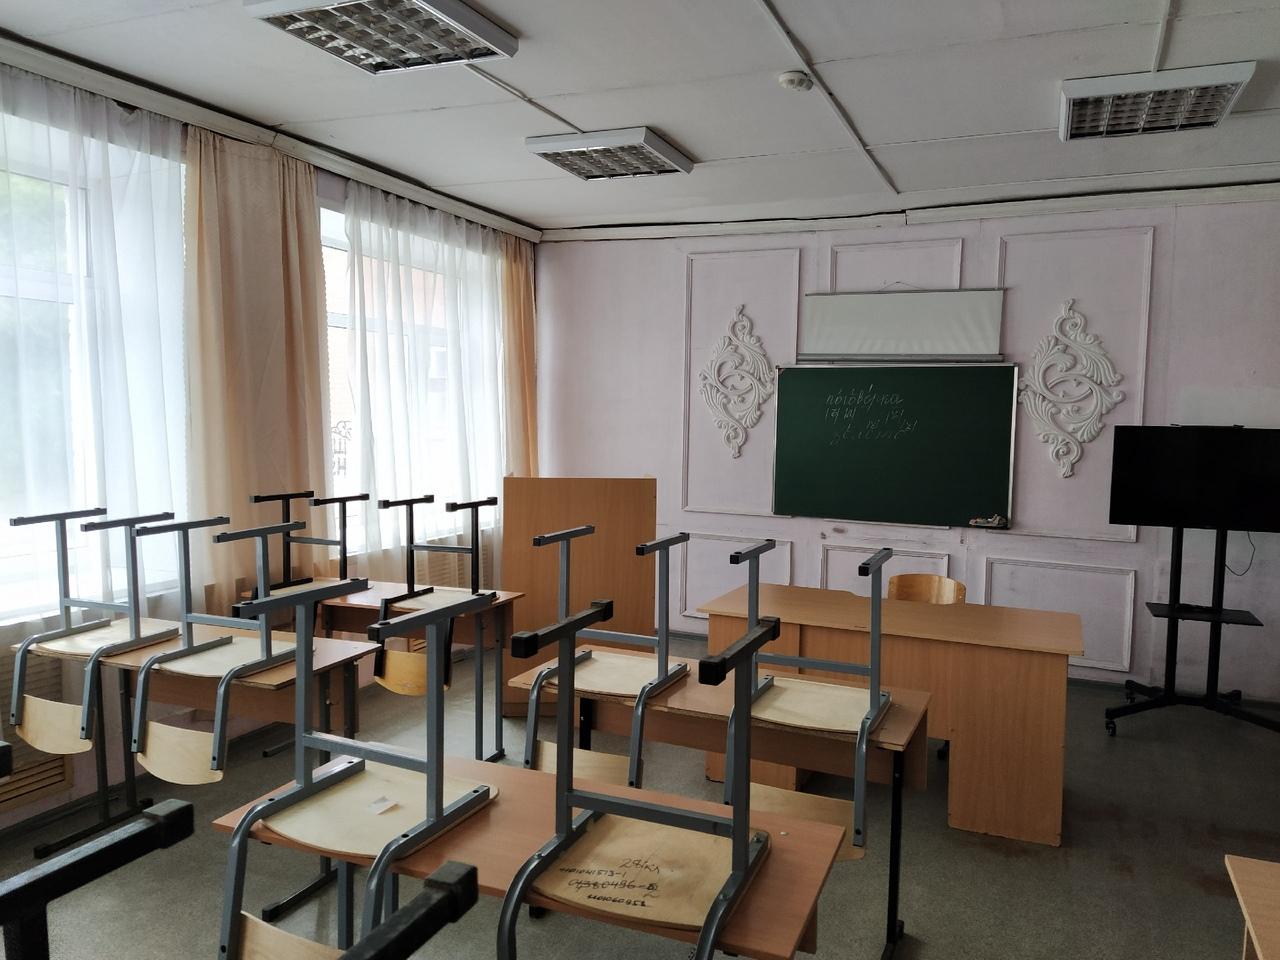 В Курганской области заранее отменили занятия для школьников с 1 по 11 класс: погода ужасна